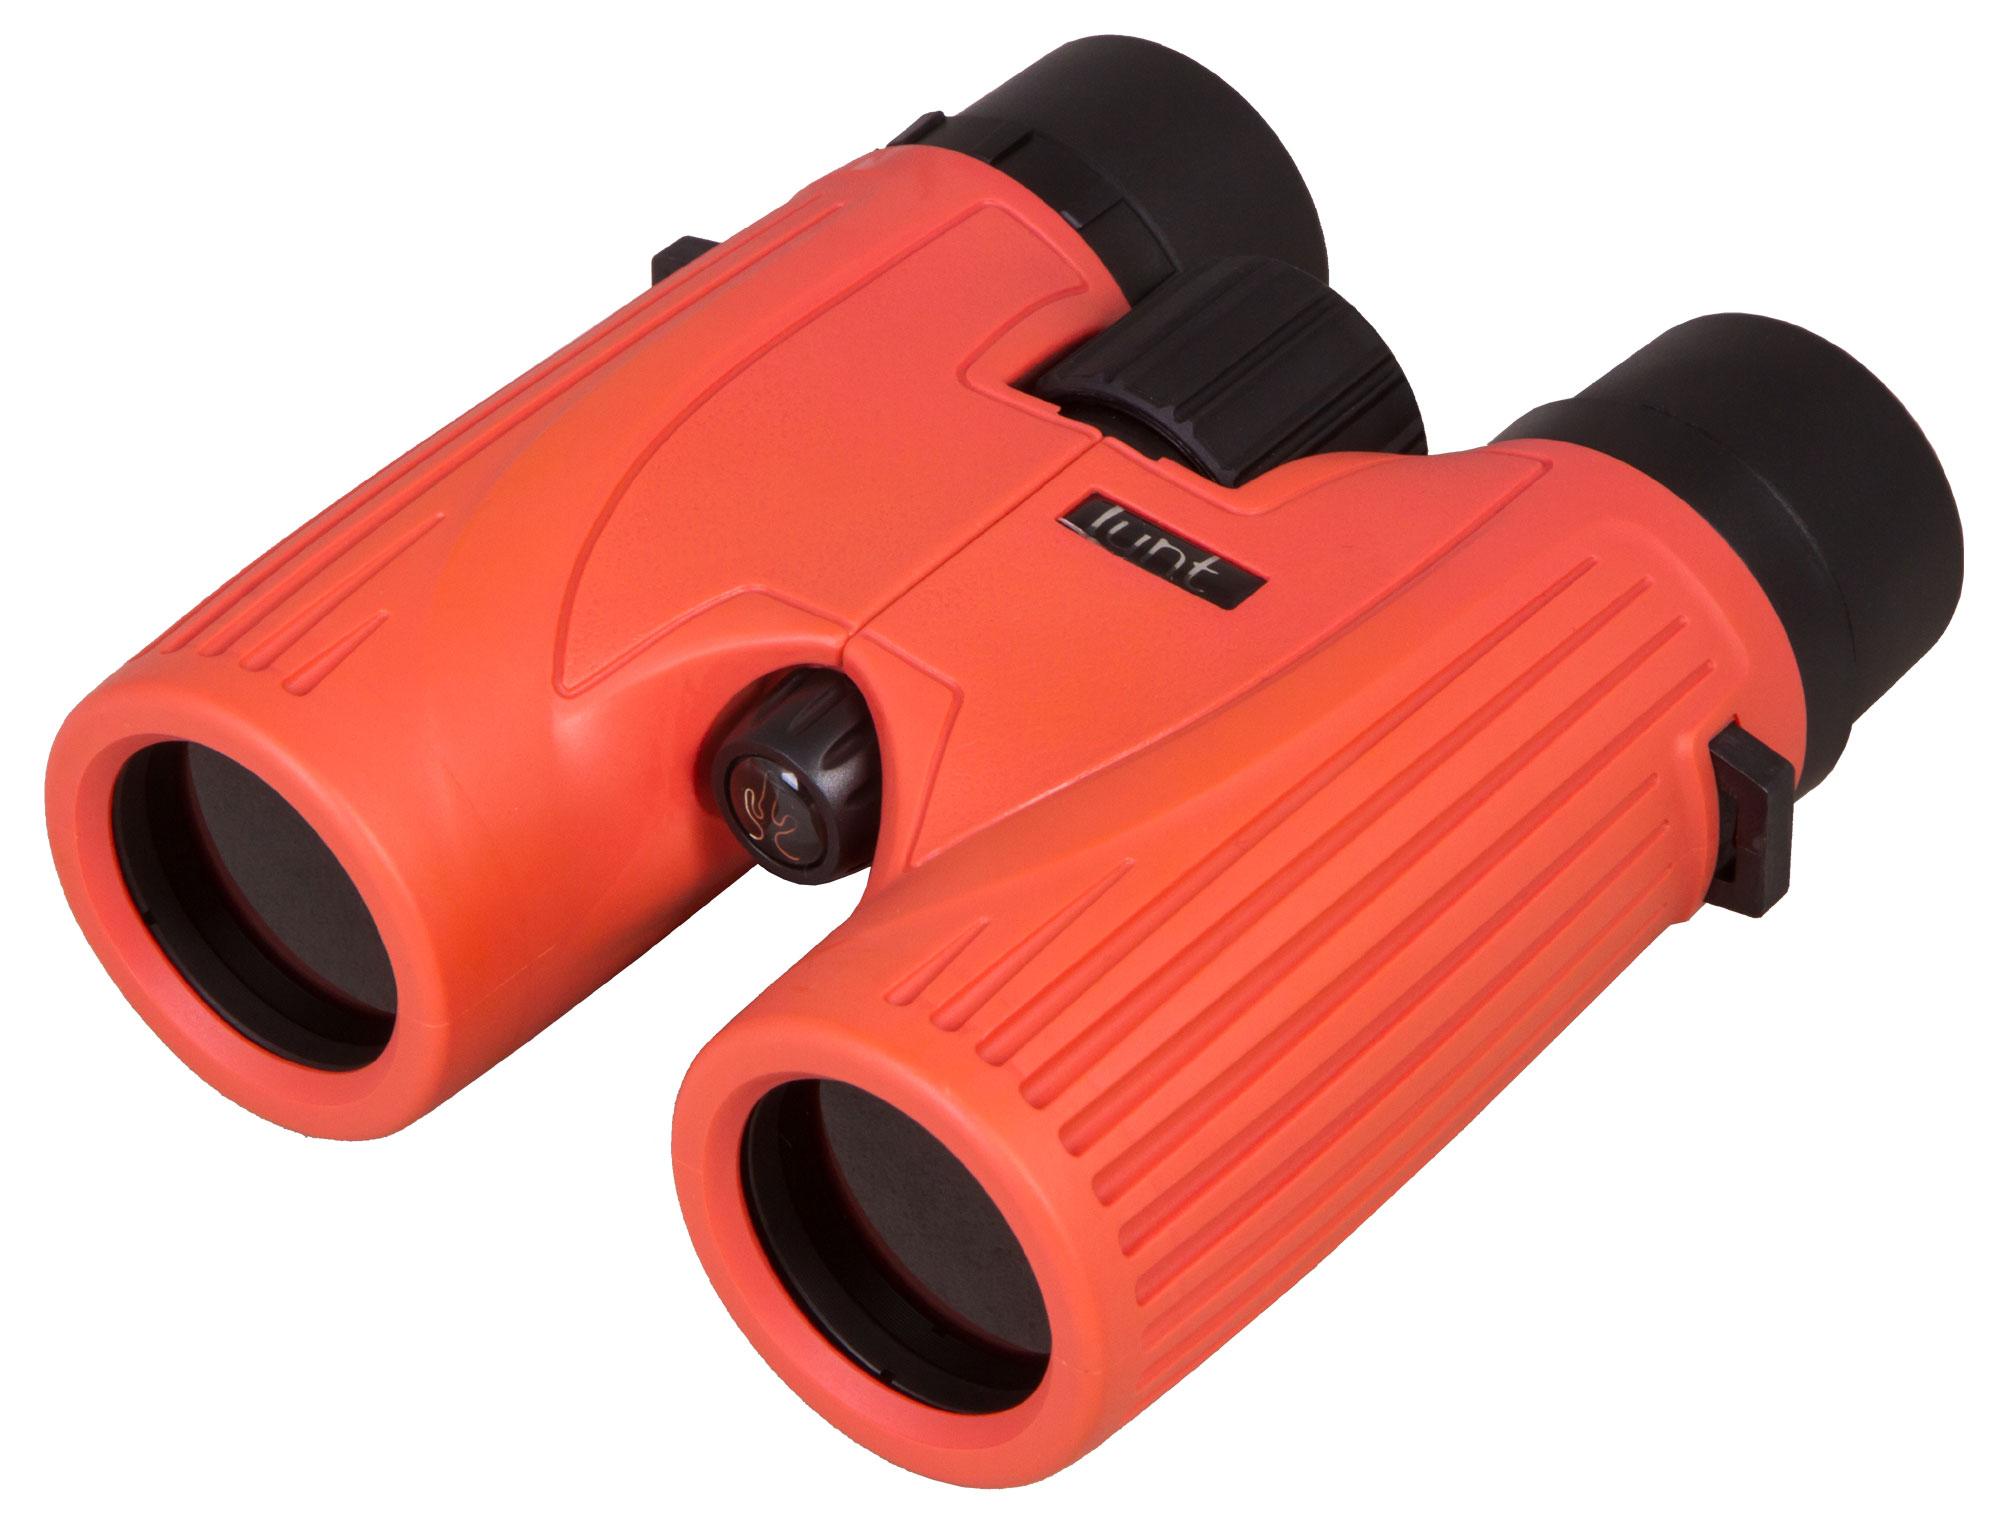 Бинокль солнечный LUNT SUNoculars 8x32, красный (+ Автомобильные коврики для впитывания влаги в подарок!)